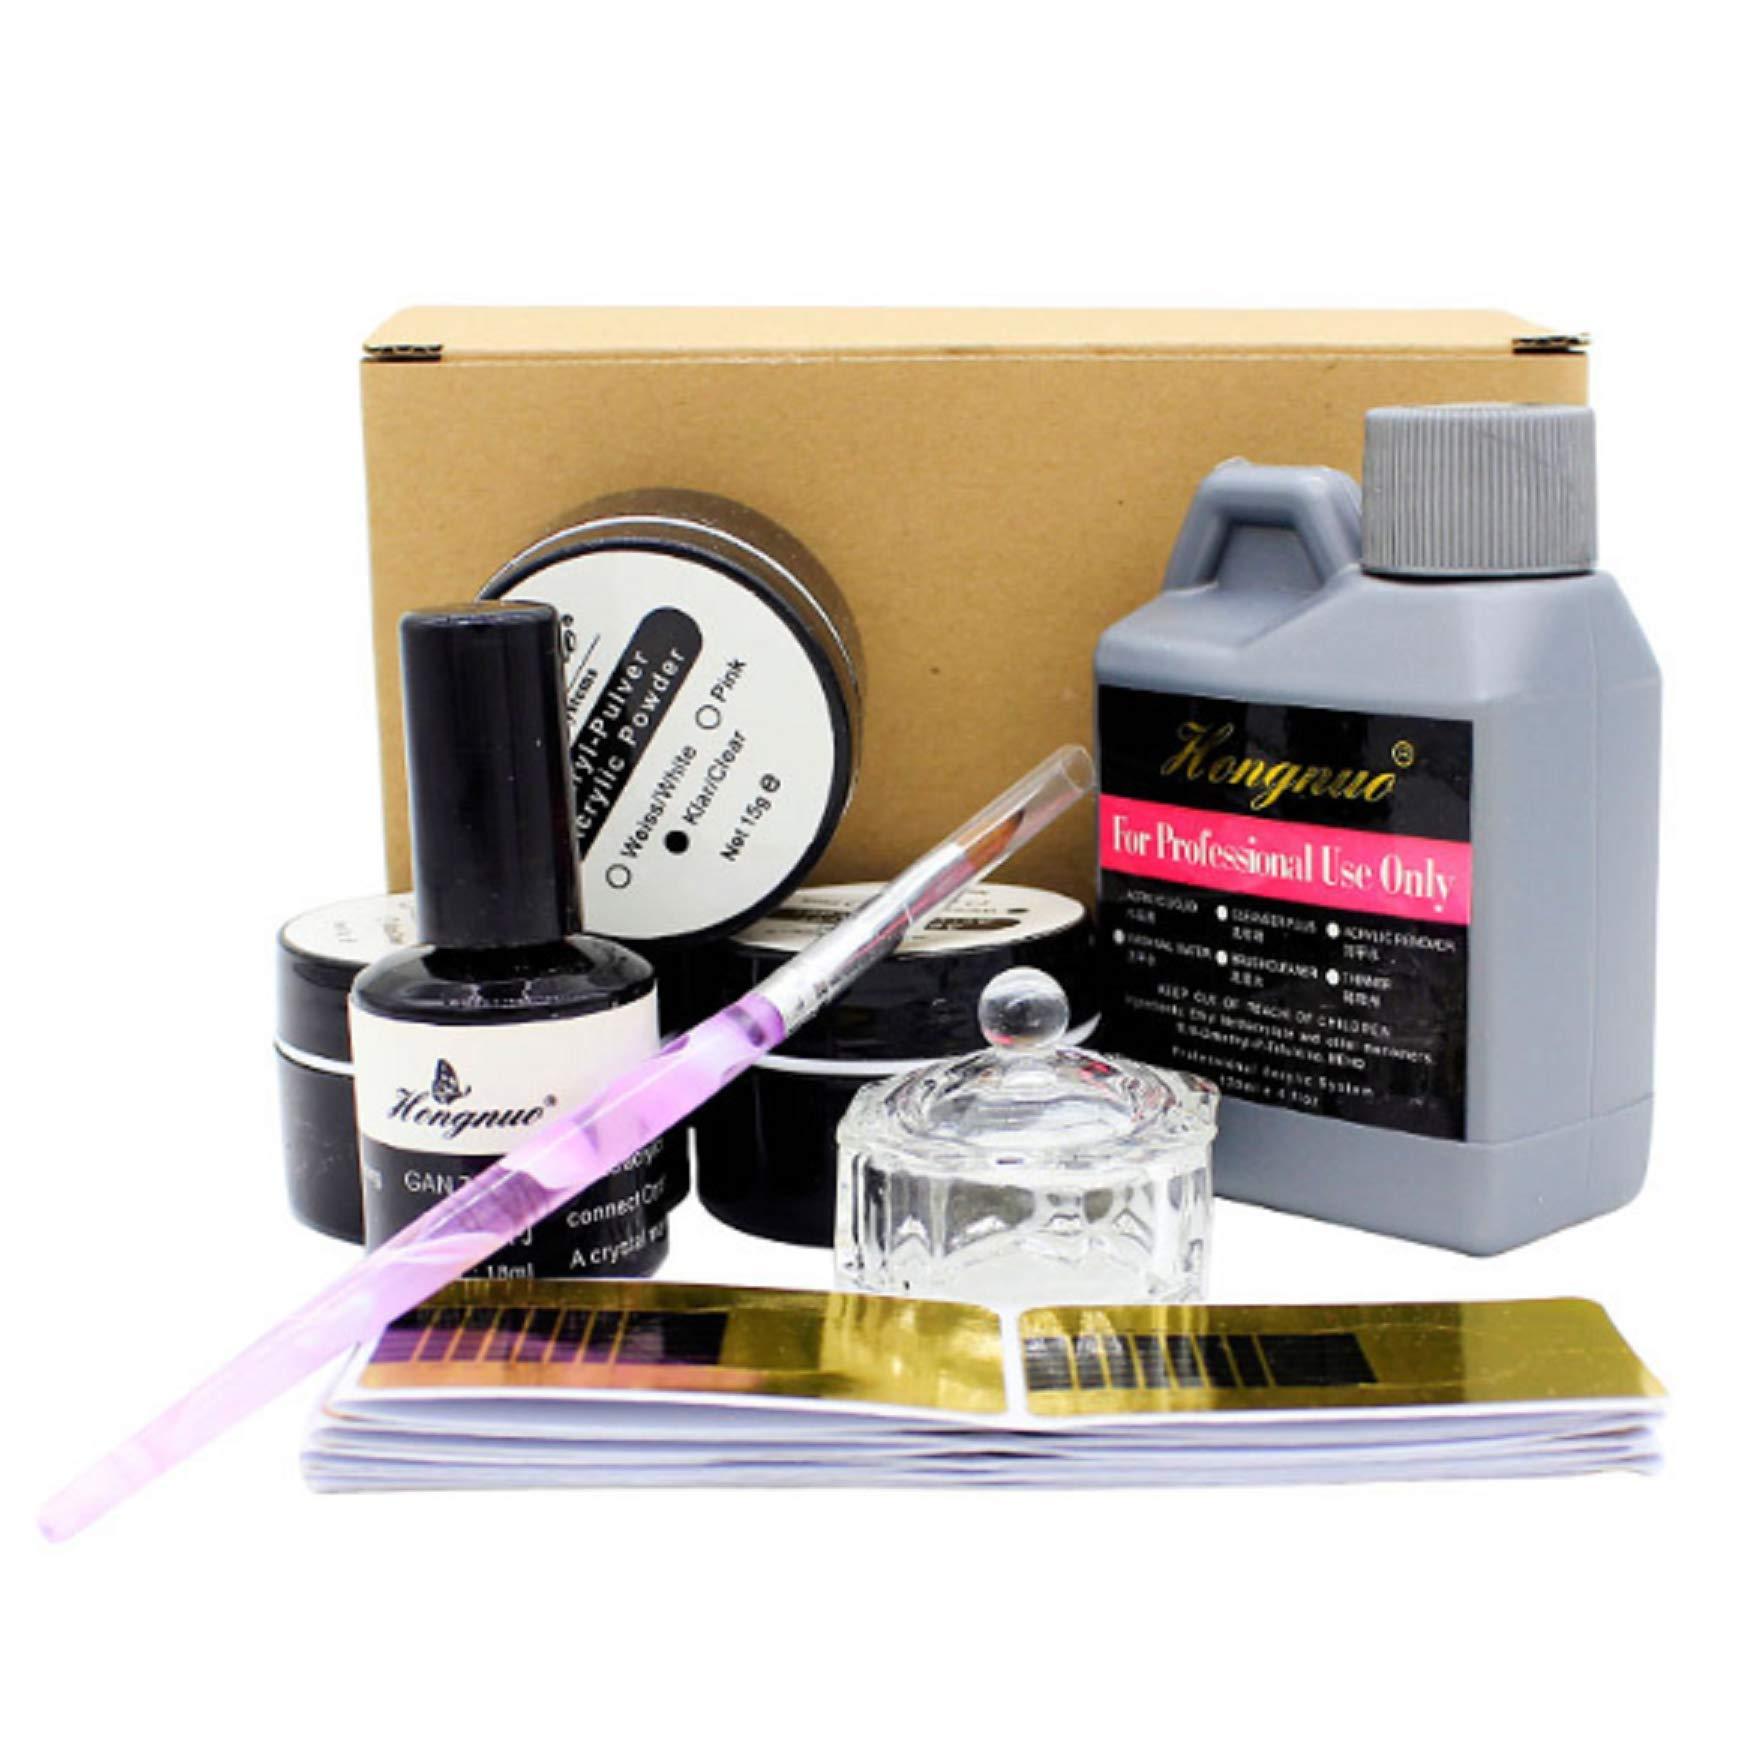 LyDia® Acrylic Nail Kit – Pink, White & Clear Acrylic Powder; Acrylic Liquid; Nail Primer; Nail Brush; Nail Forms and Glass Dish